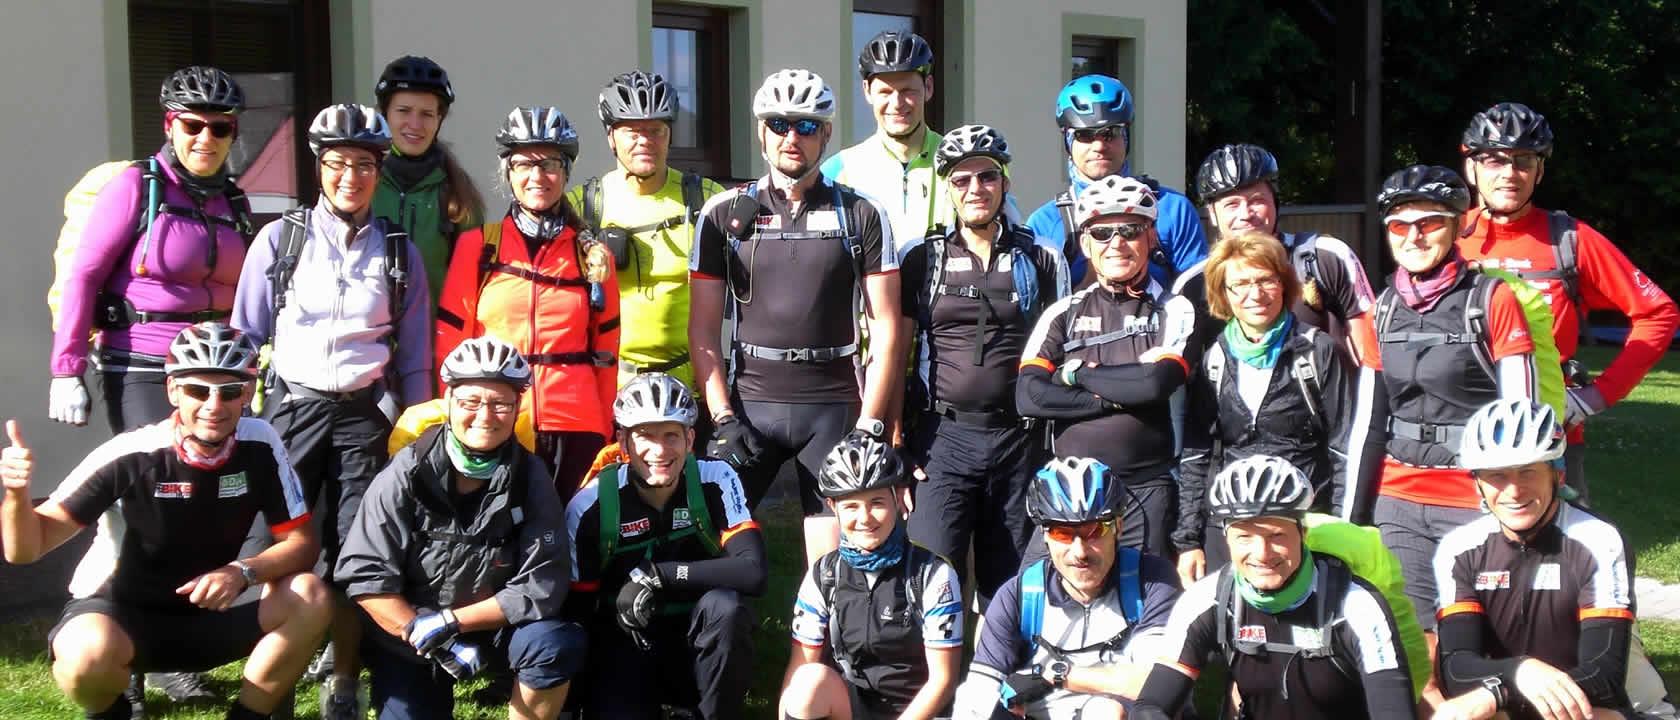 Bikespaß auf den Smrkem-Trails